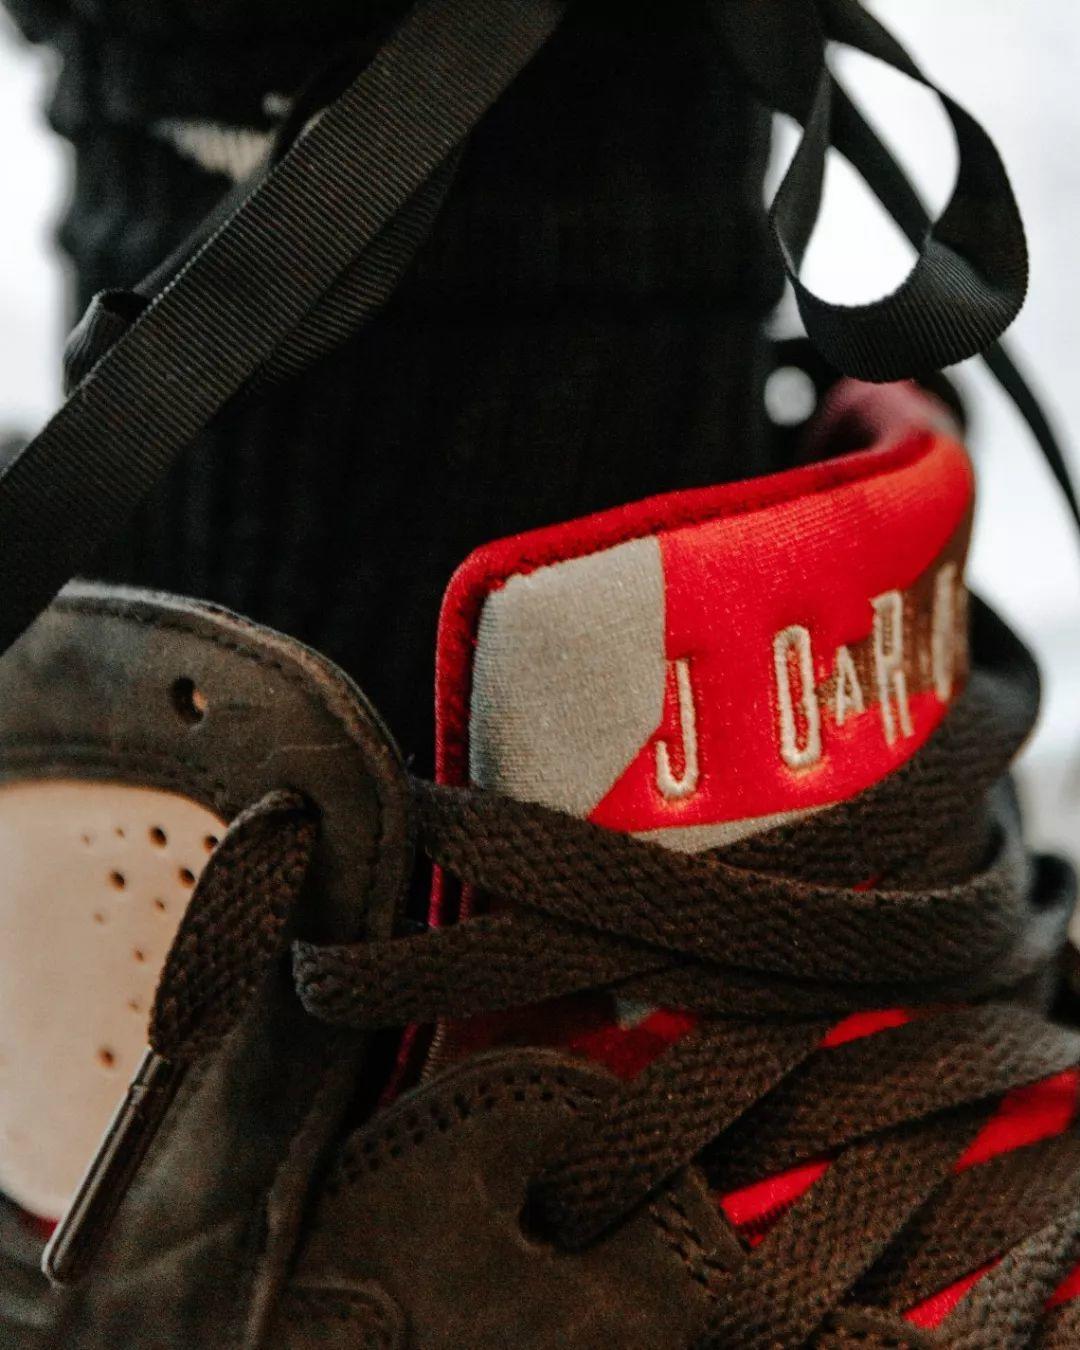 突袭PASS后:Air Jordan x Patta联名中国将抽签发售,速登记!